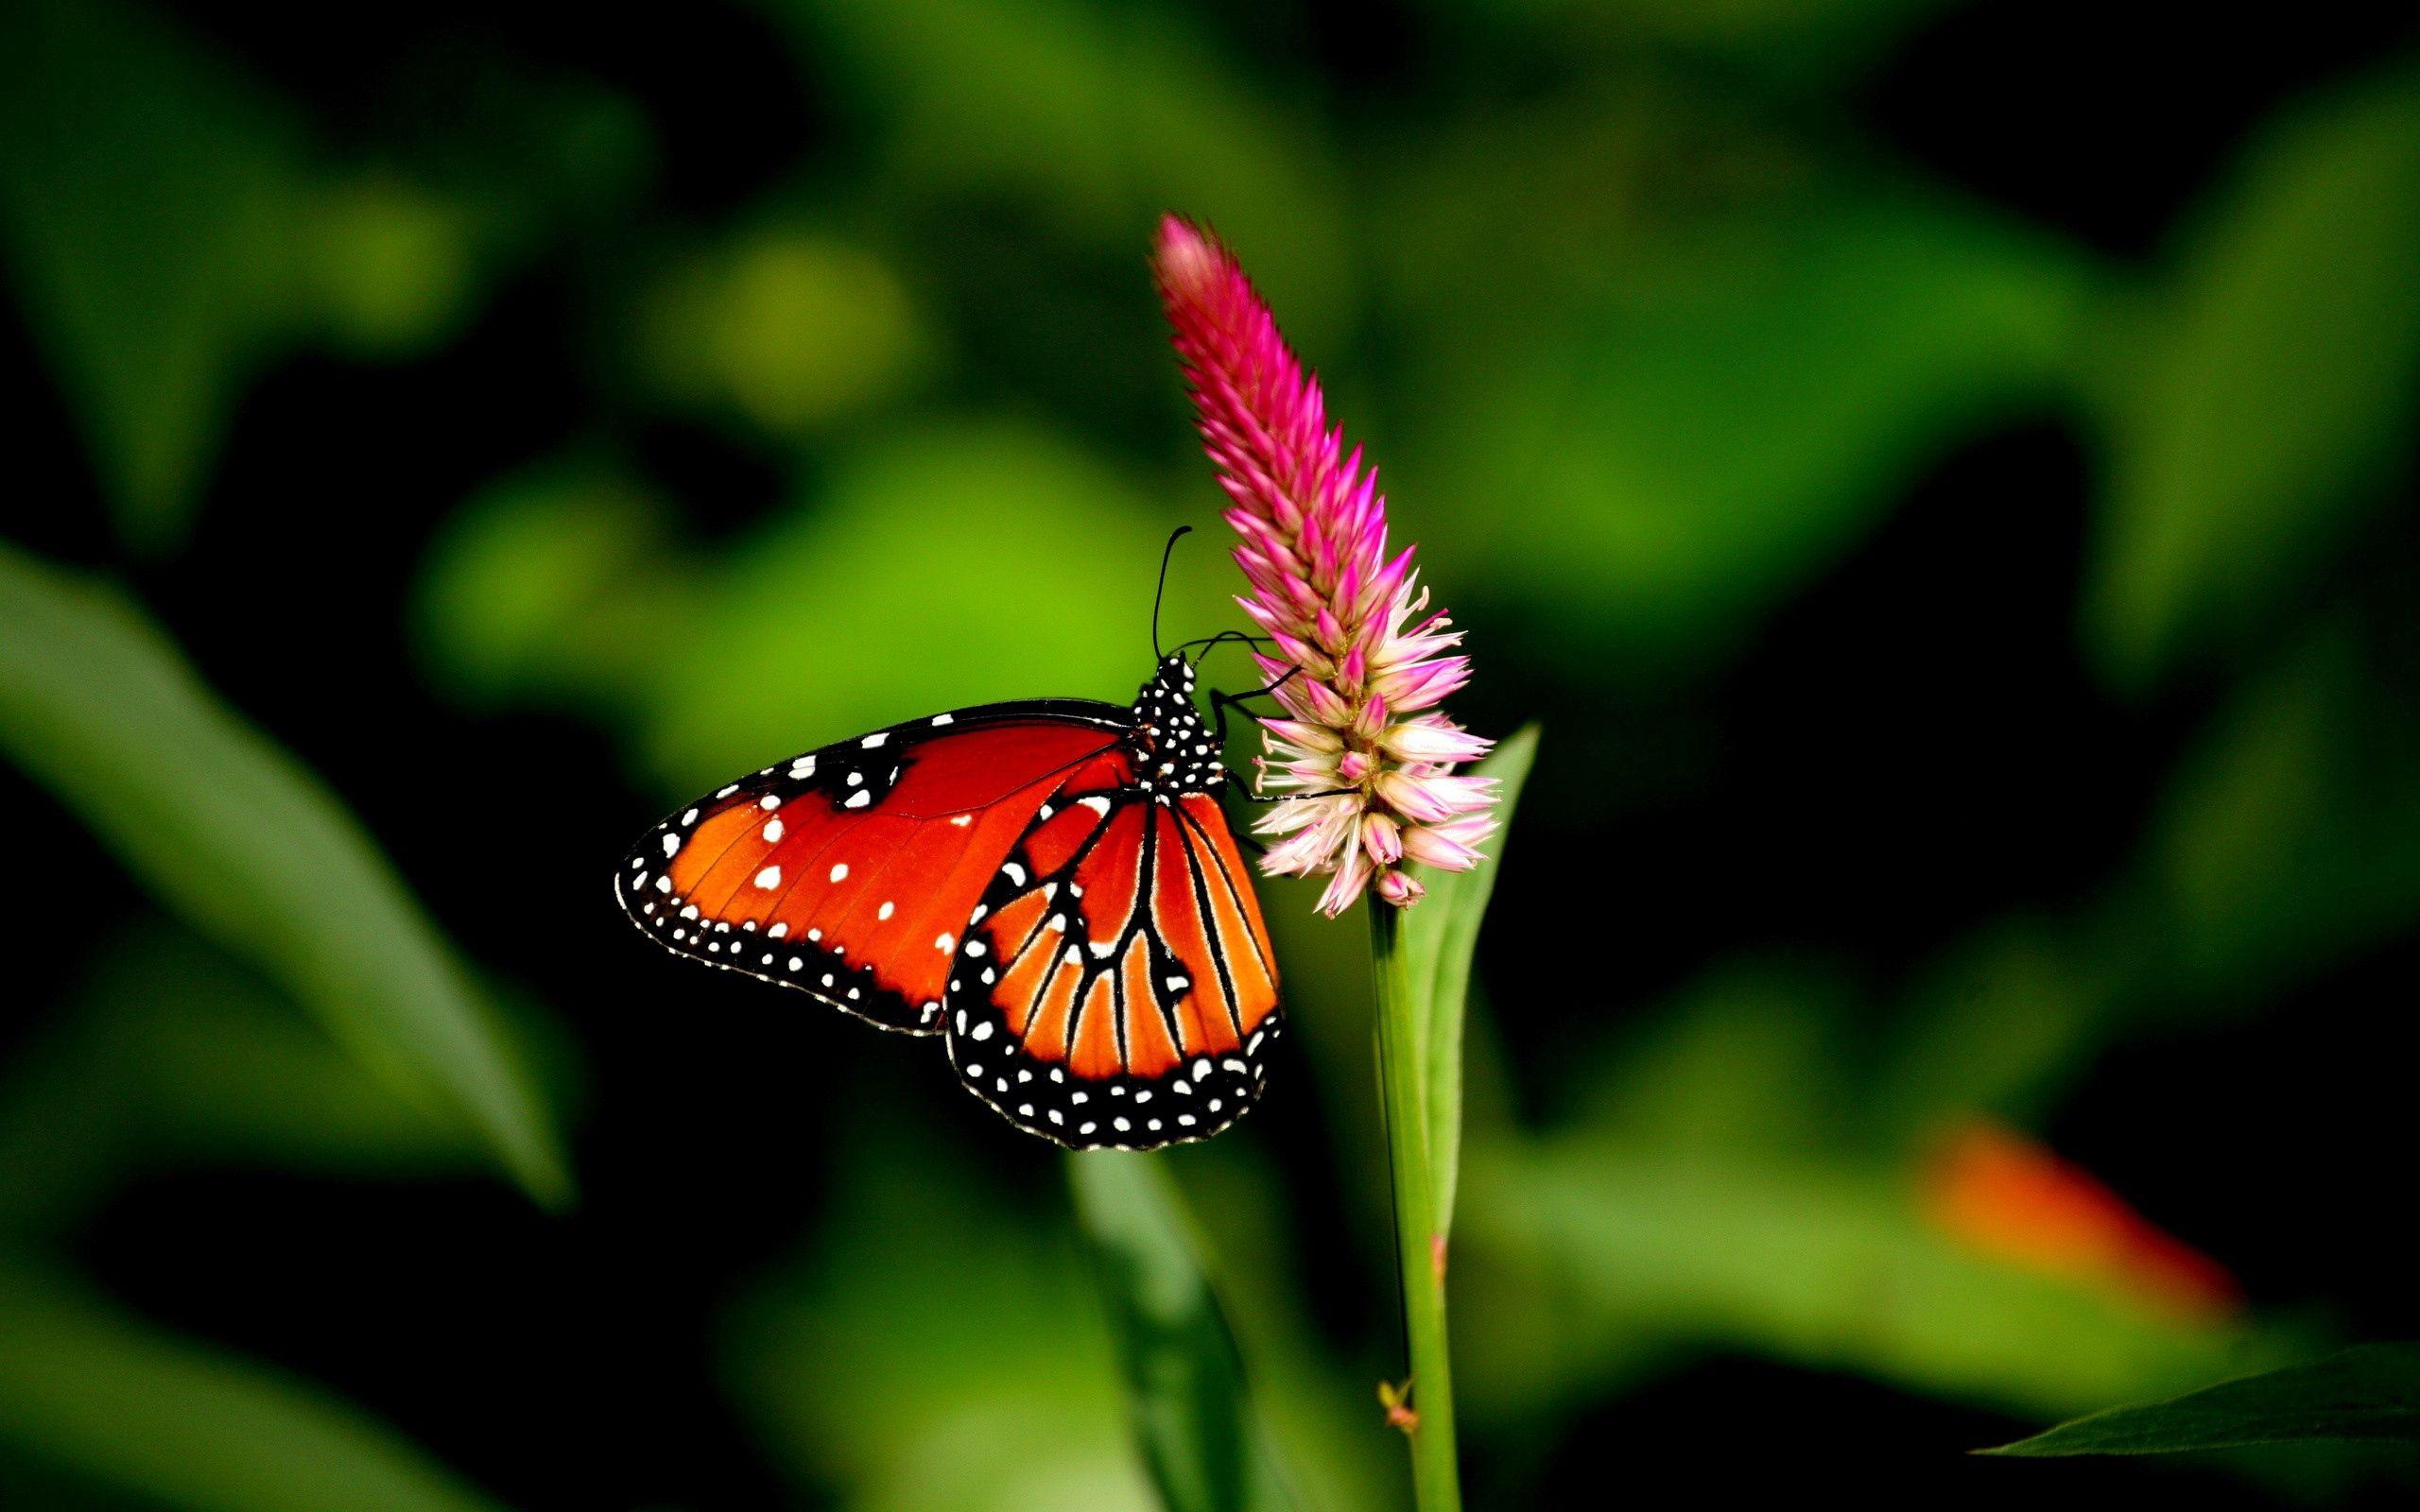 155843 скачать обои Цветок, Макро, Растение, Бабочка - заставки и картинки бесплатно